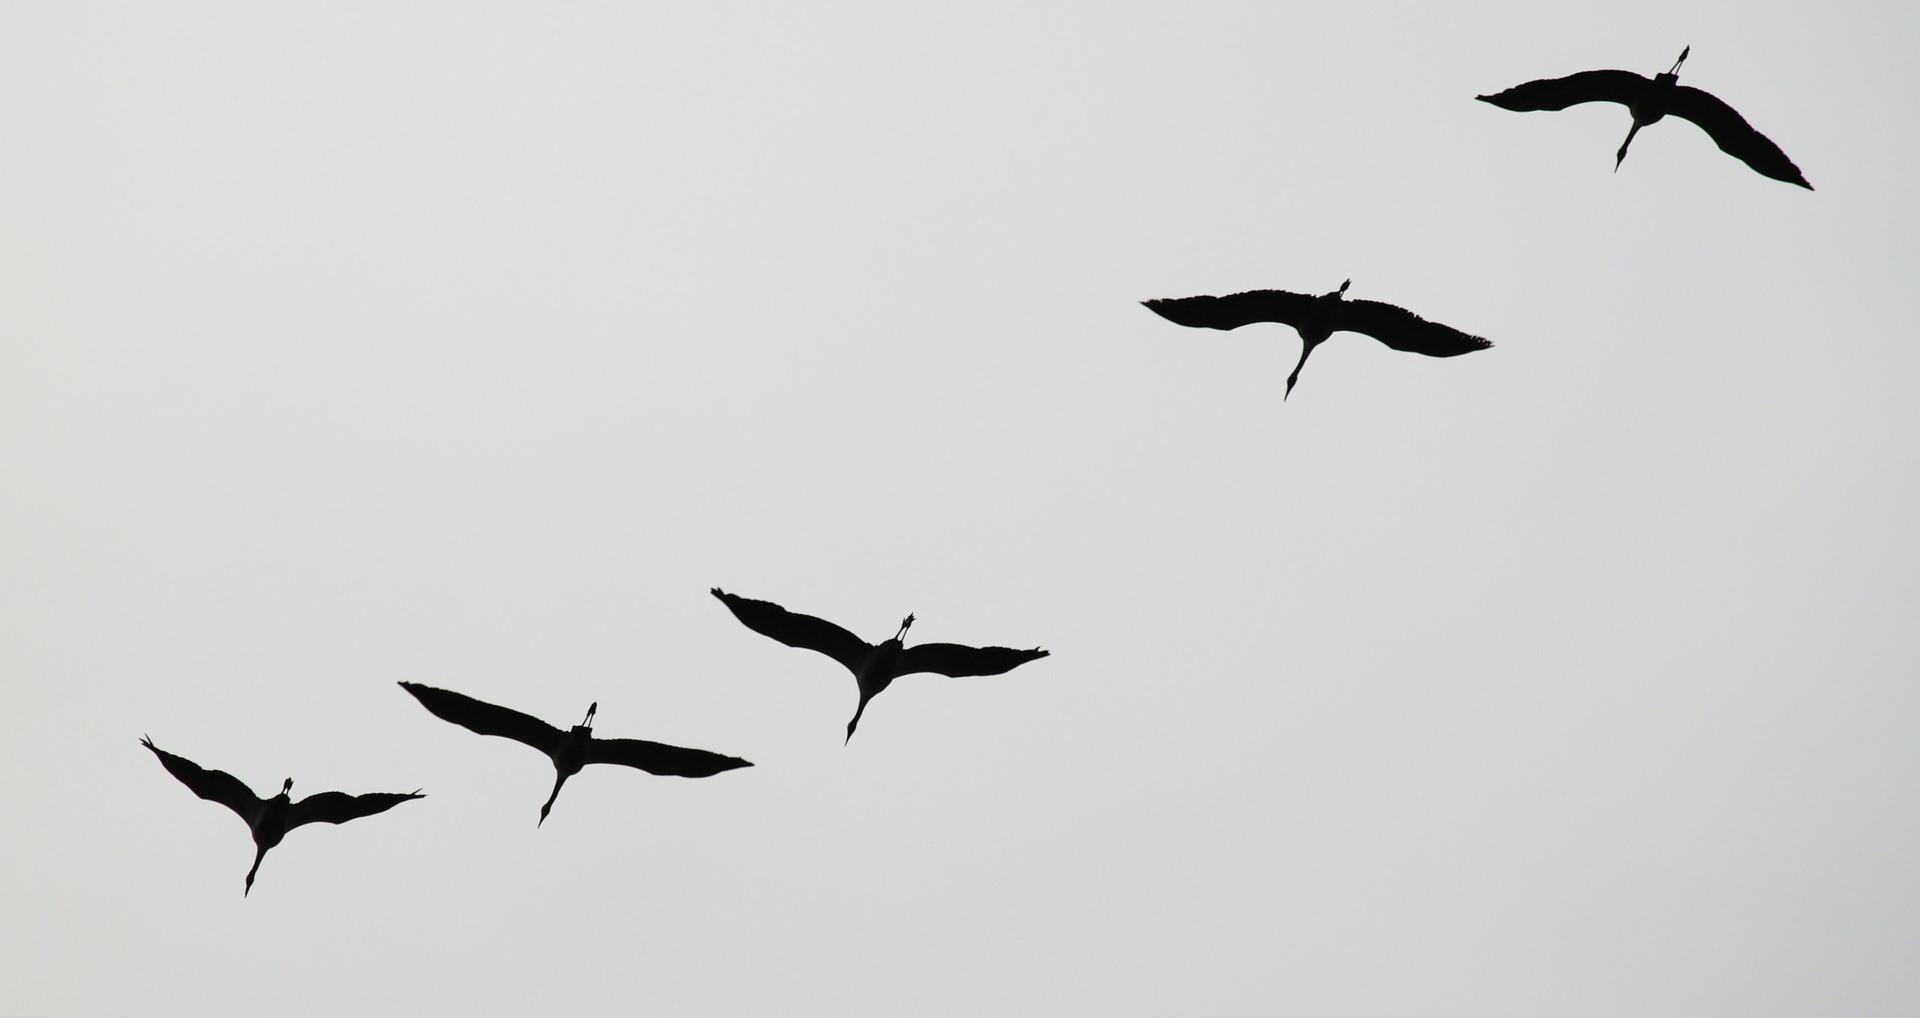 cranes-534922_1920